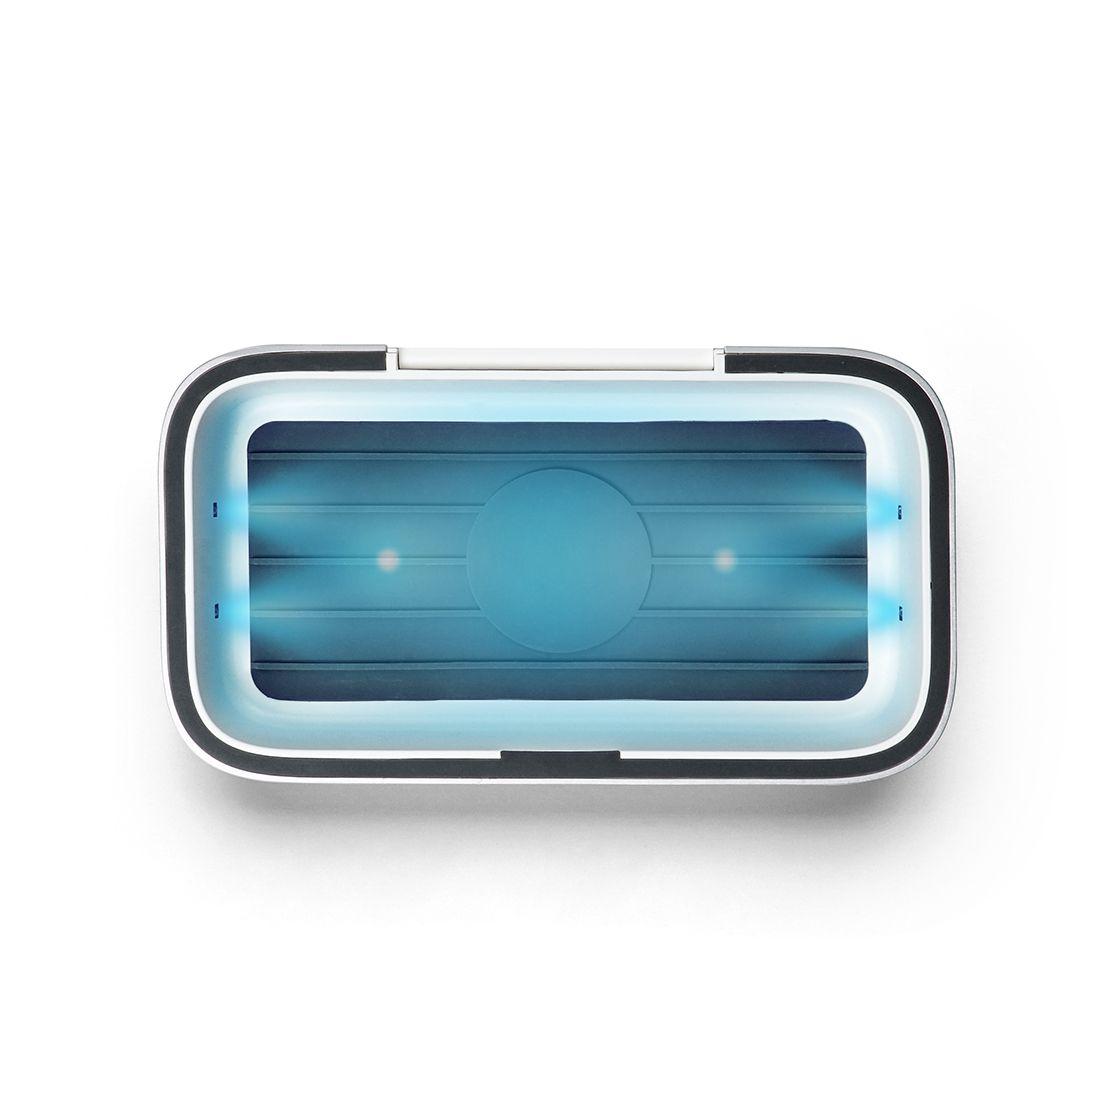 画像: UV除菌ライトの仕組みは、ウイルス不活性化に効果があるとされるUV-Cをスマホに照射するというもの。基本的にはUV灯の出力が大きいほど、短時間で除菌可能だ。 www.casetify.com